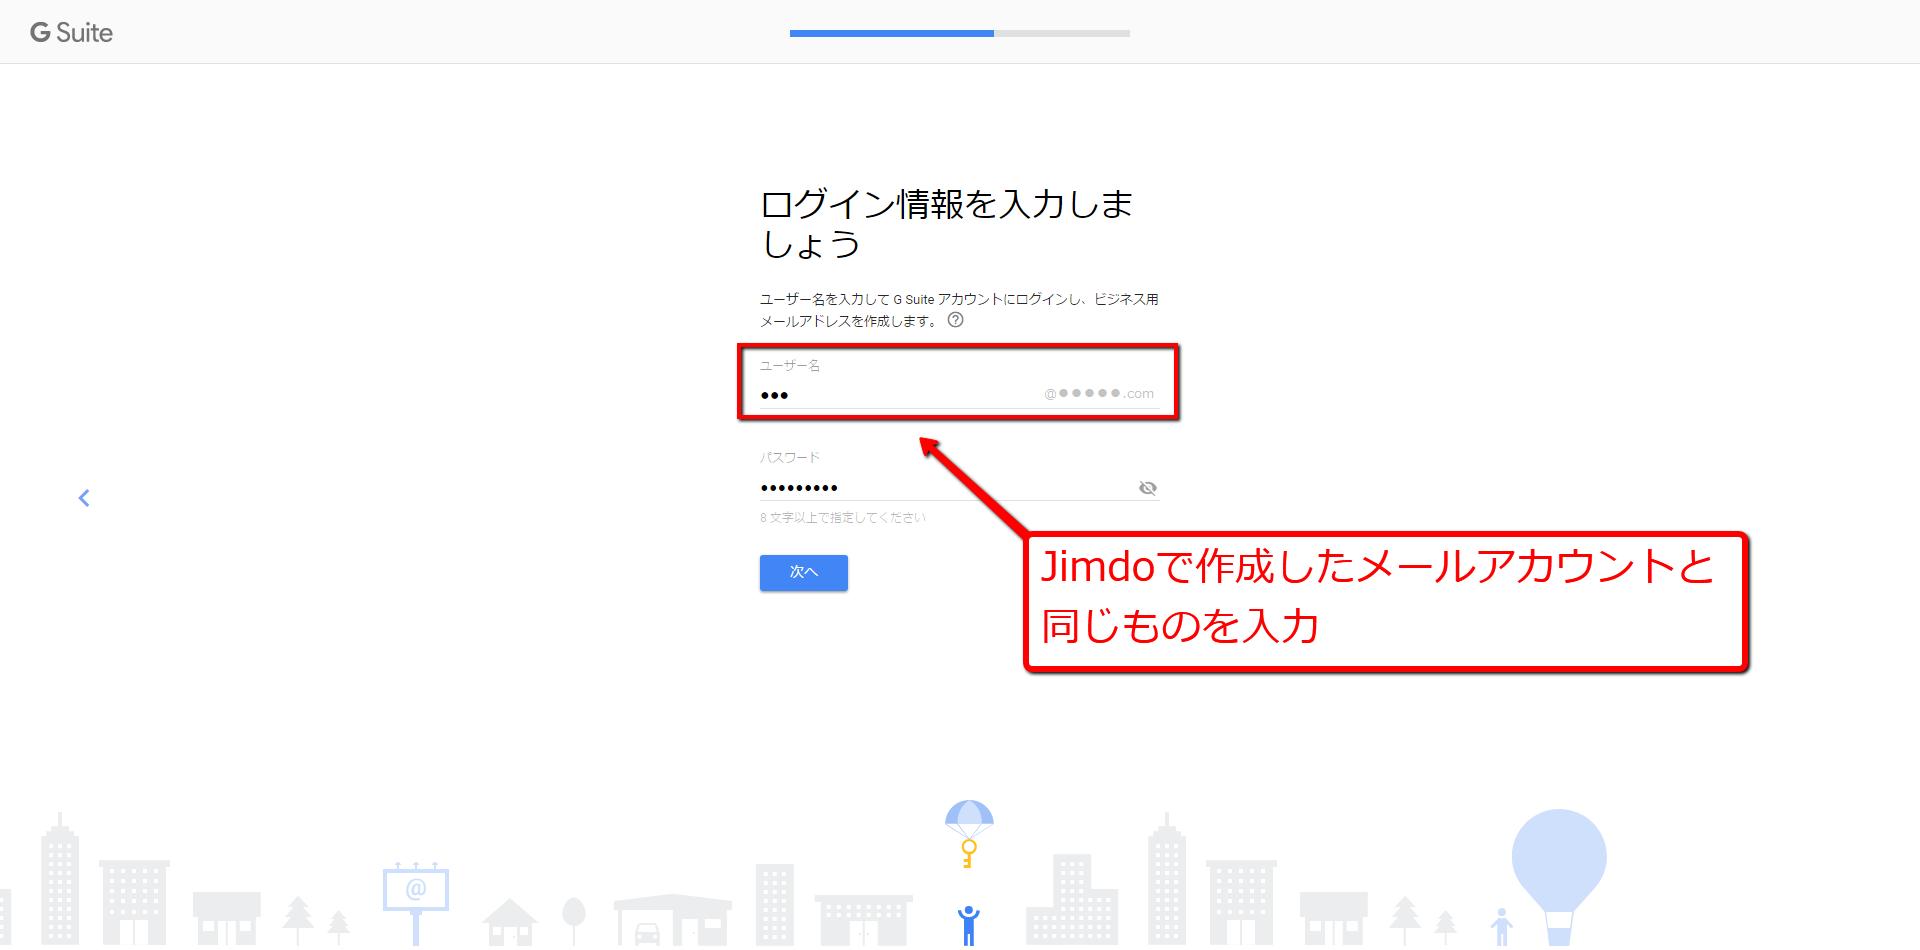 9. Jimdoで作成したメールアカウントと同じものを入力